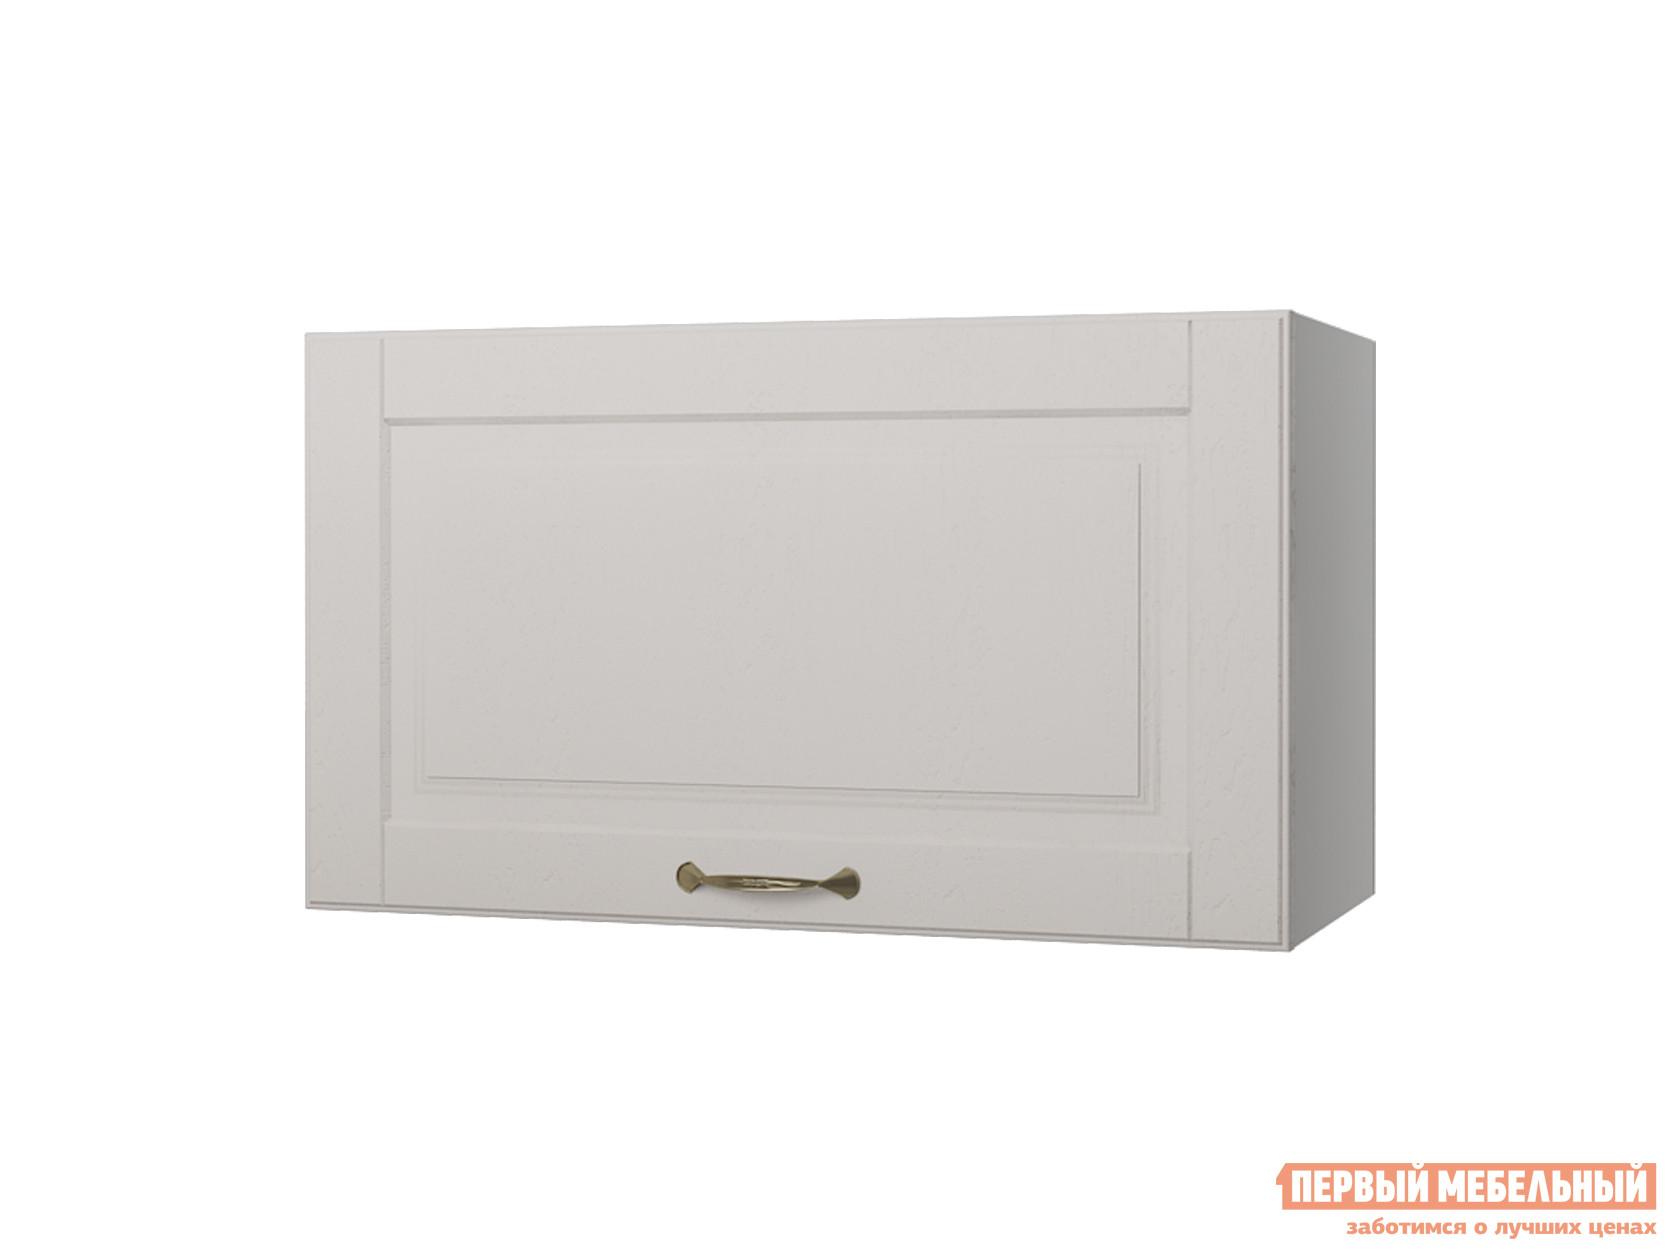 Кухонный модуль ПМ: РДМ Шкаф антресольный 1 дверь 60 см Палермо Мускат